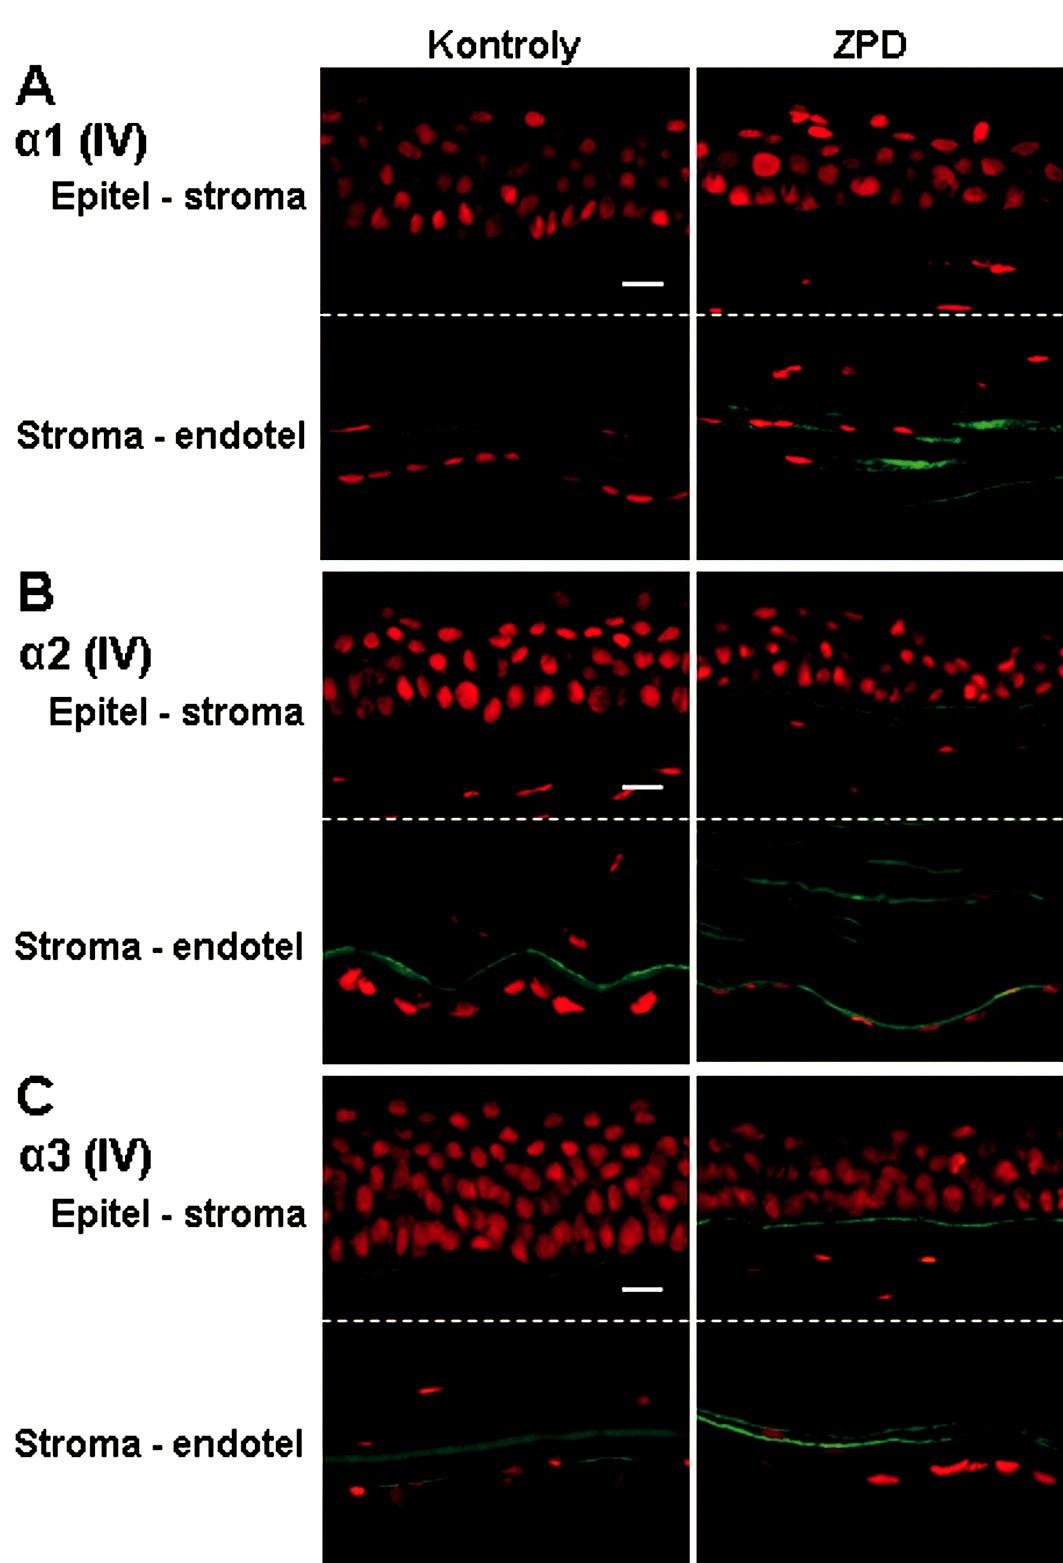 Výskyt reťazcov α1, α2 a α3 kolagénu IV v rohovkách kontrol a pacientov so ZPD. Popis: Reťazec α1 (A) bol detekovaný len v zadnej strome a na endotelovej strane Descemetovej membrány u pacientov so ZPD. Reťazec α2 (B) bol u pacientov so ZPD prítomný v bazálnej membráne epitelu, v zadnej časti stromy a na endotelovej strane Descemetovej membrány. Výskyt reťazca α3 (C) sa príliš nelíšil medzi kontrolnou a patologickou rohovkou (pozitivita v bazálnej membráne epitelu, na endotelovej strane Descemetovej membrány; u pacienta so ZPD zdvojená línia). Signál pre všetky reťazce α je zelený (FITC – Fluorescein isothiocyanate) a jadrá sú zviditeľnené propidium jodidom (PI). Mierka znázorňuje 10 μm